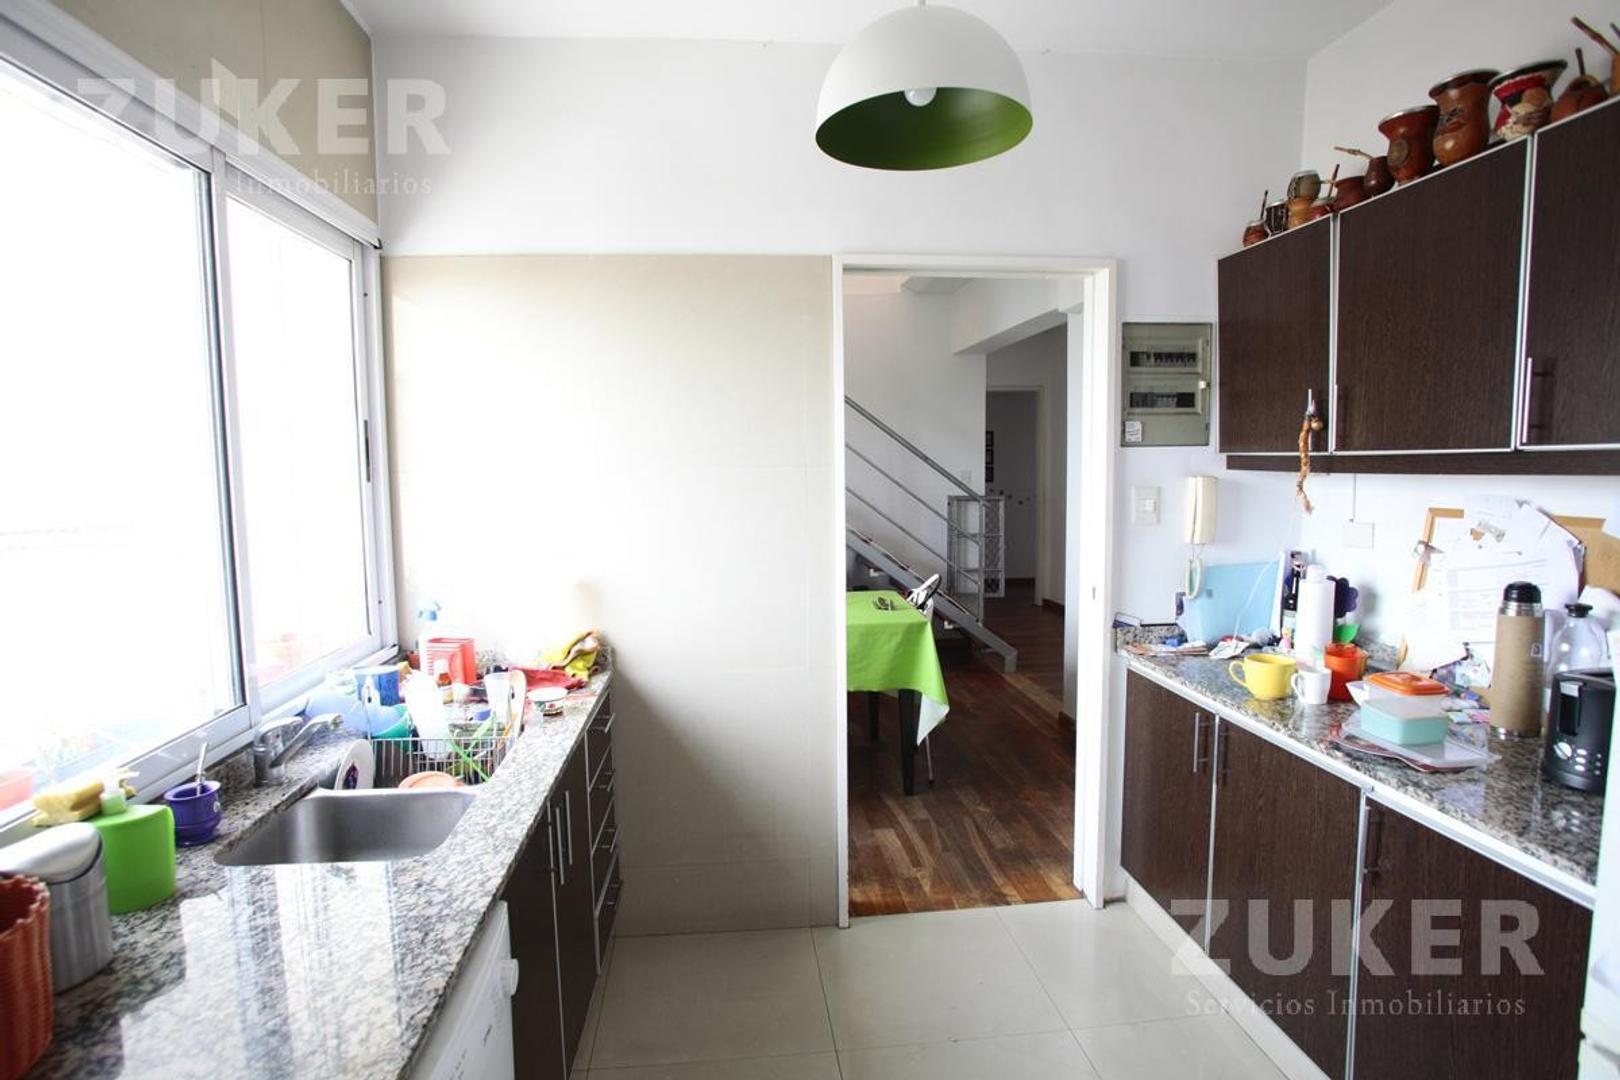 Venta Departamento - Belgrano 4 ambientes con terraza